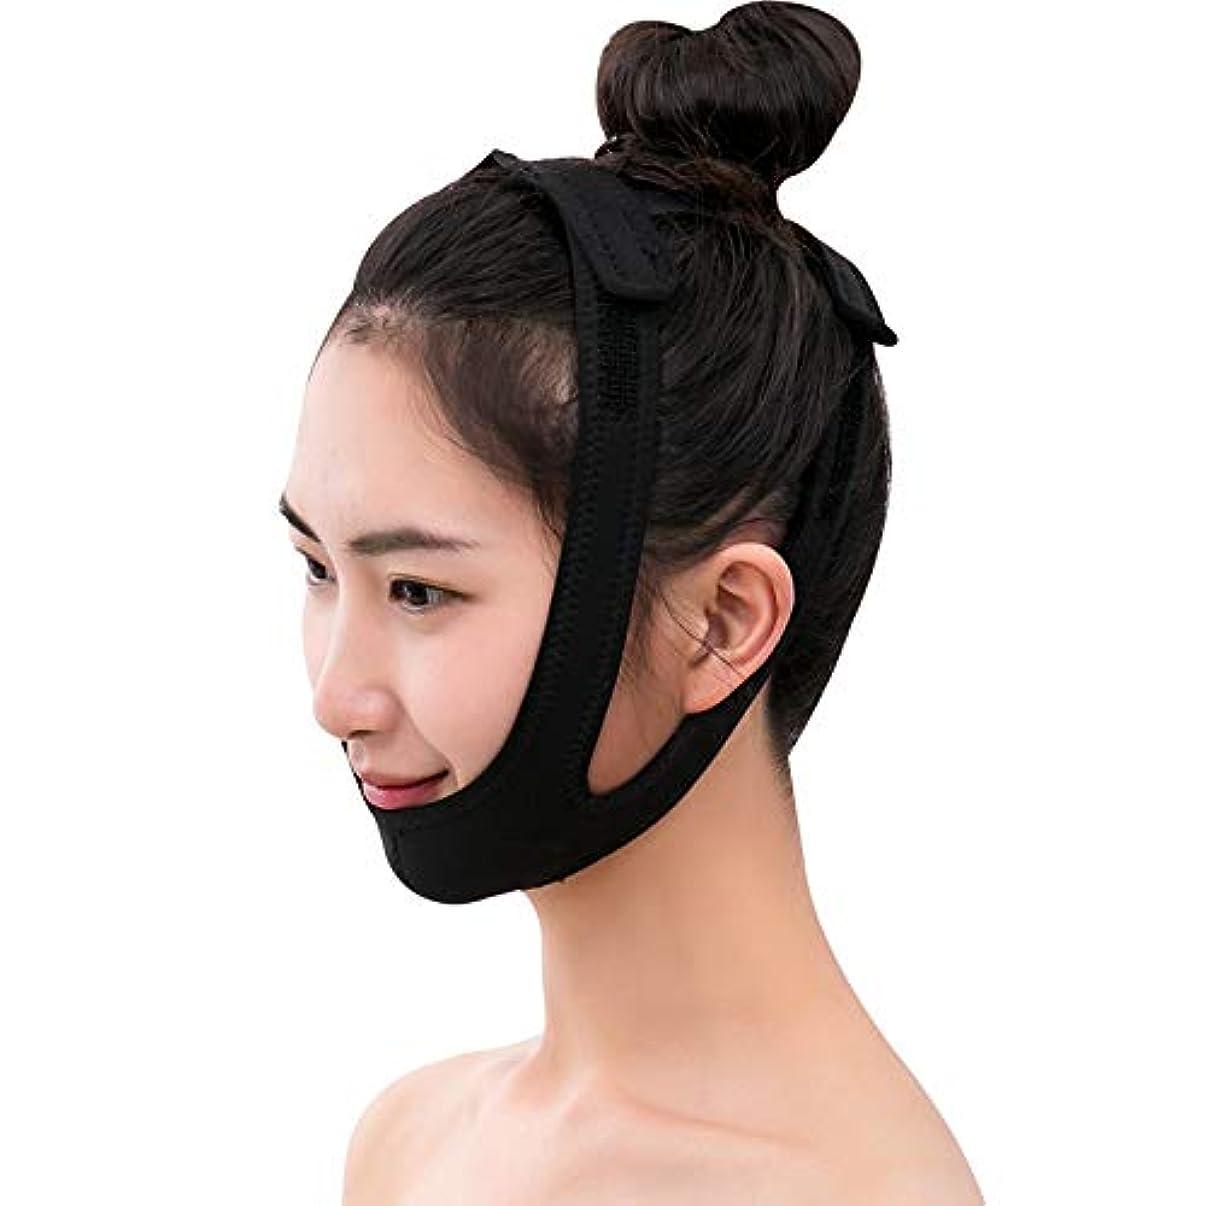 散歩に行く診断する放棄されたフェイスリフトベルト 薄いフェイスバンド - 薄い顔の包帯ビューティーインストゥルメントフェイシャルリフト睡眠マスク法Vフェイスマスクの通気性を作る